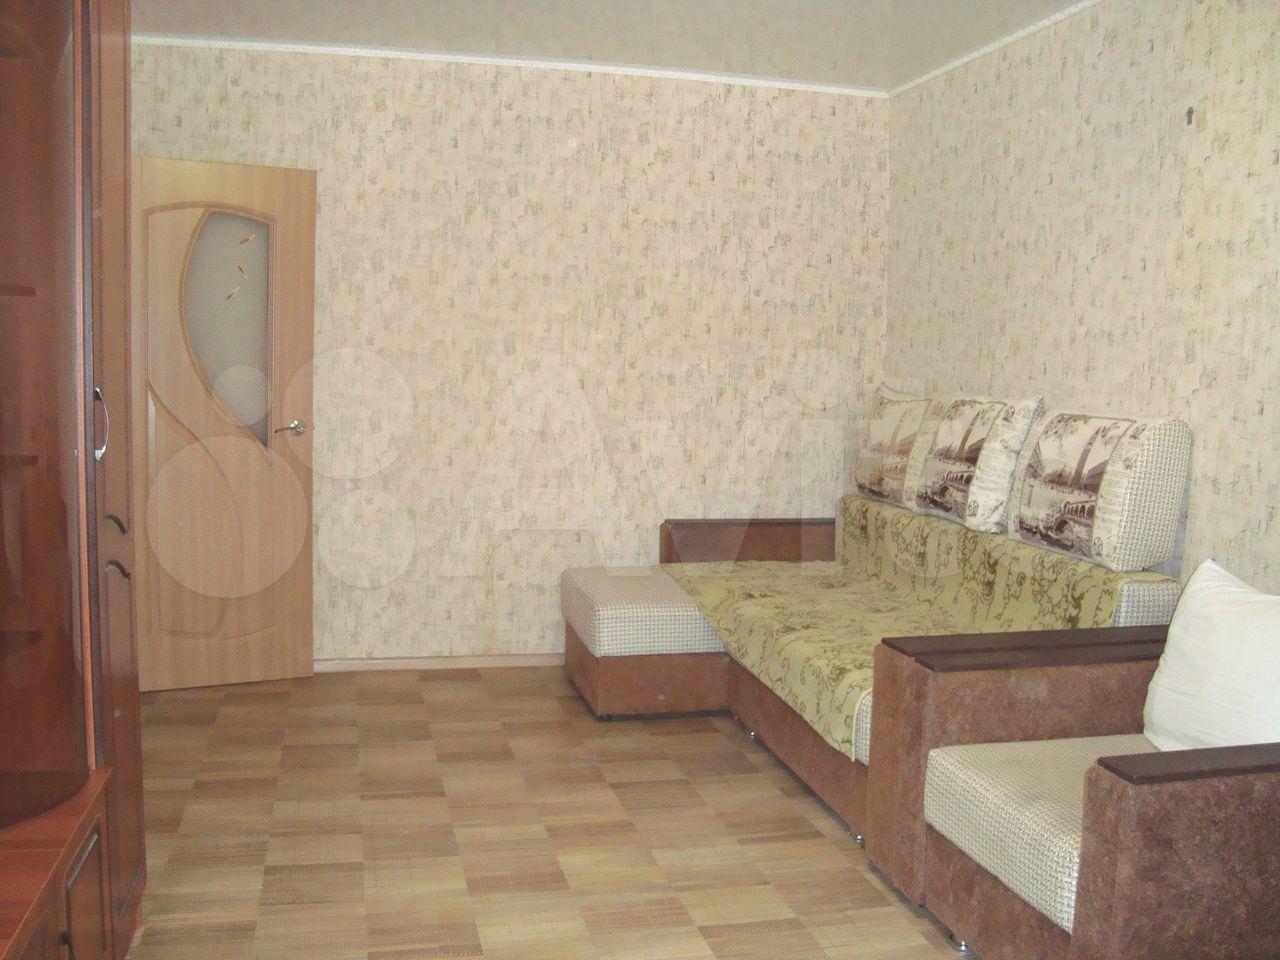 1-к квартира, 32 м², 2/9 эт.  89003033015 купить 4